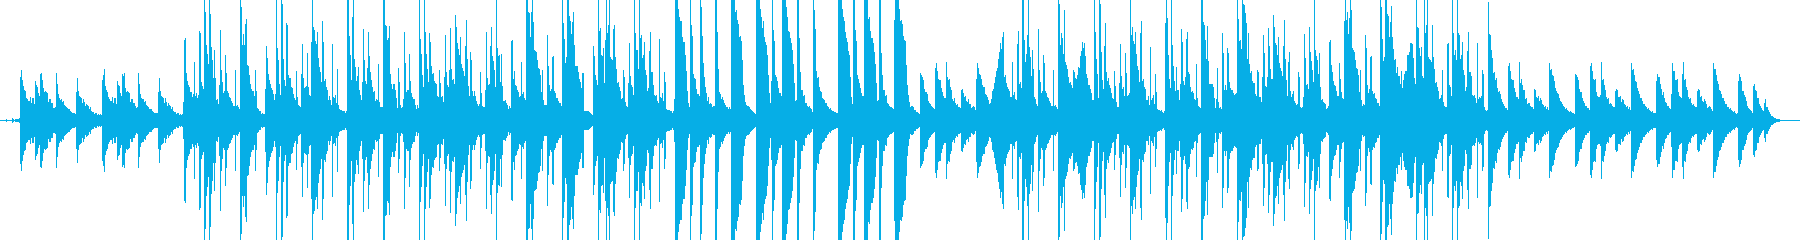 思い出をたどるようなヒップホップビートの再生済みの波形